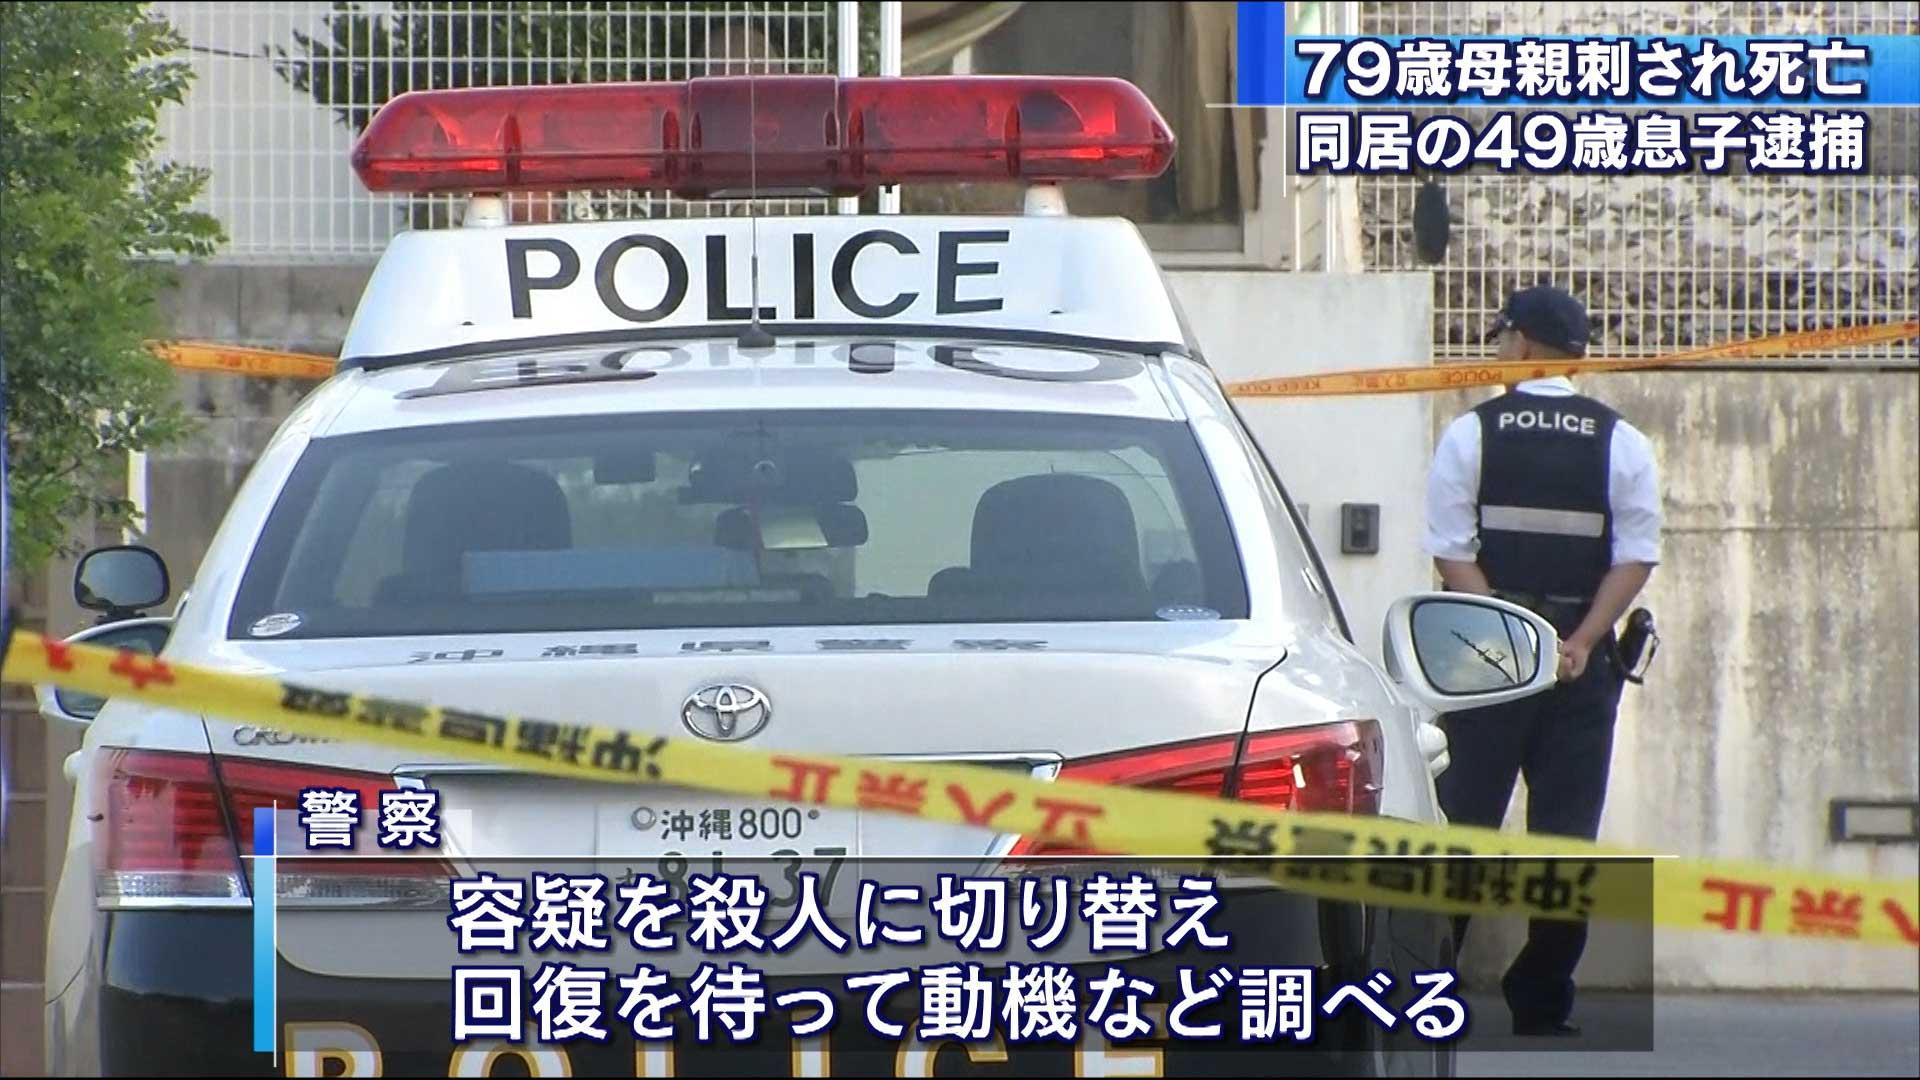 79歳母親刺され死亡 息子を殺人未遂で逮捕